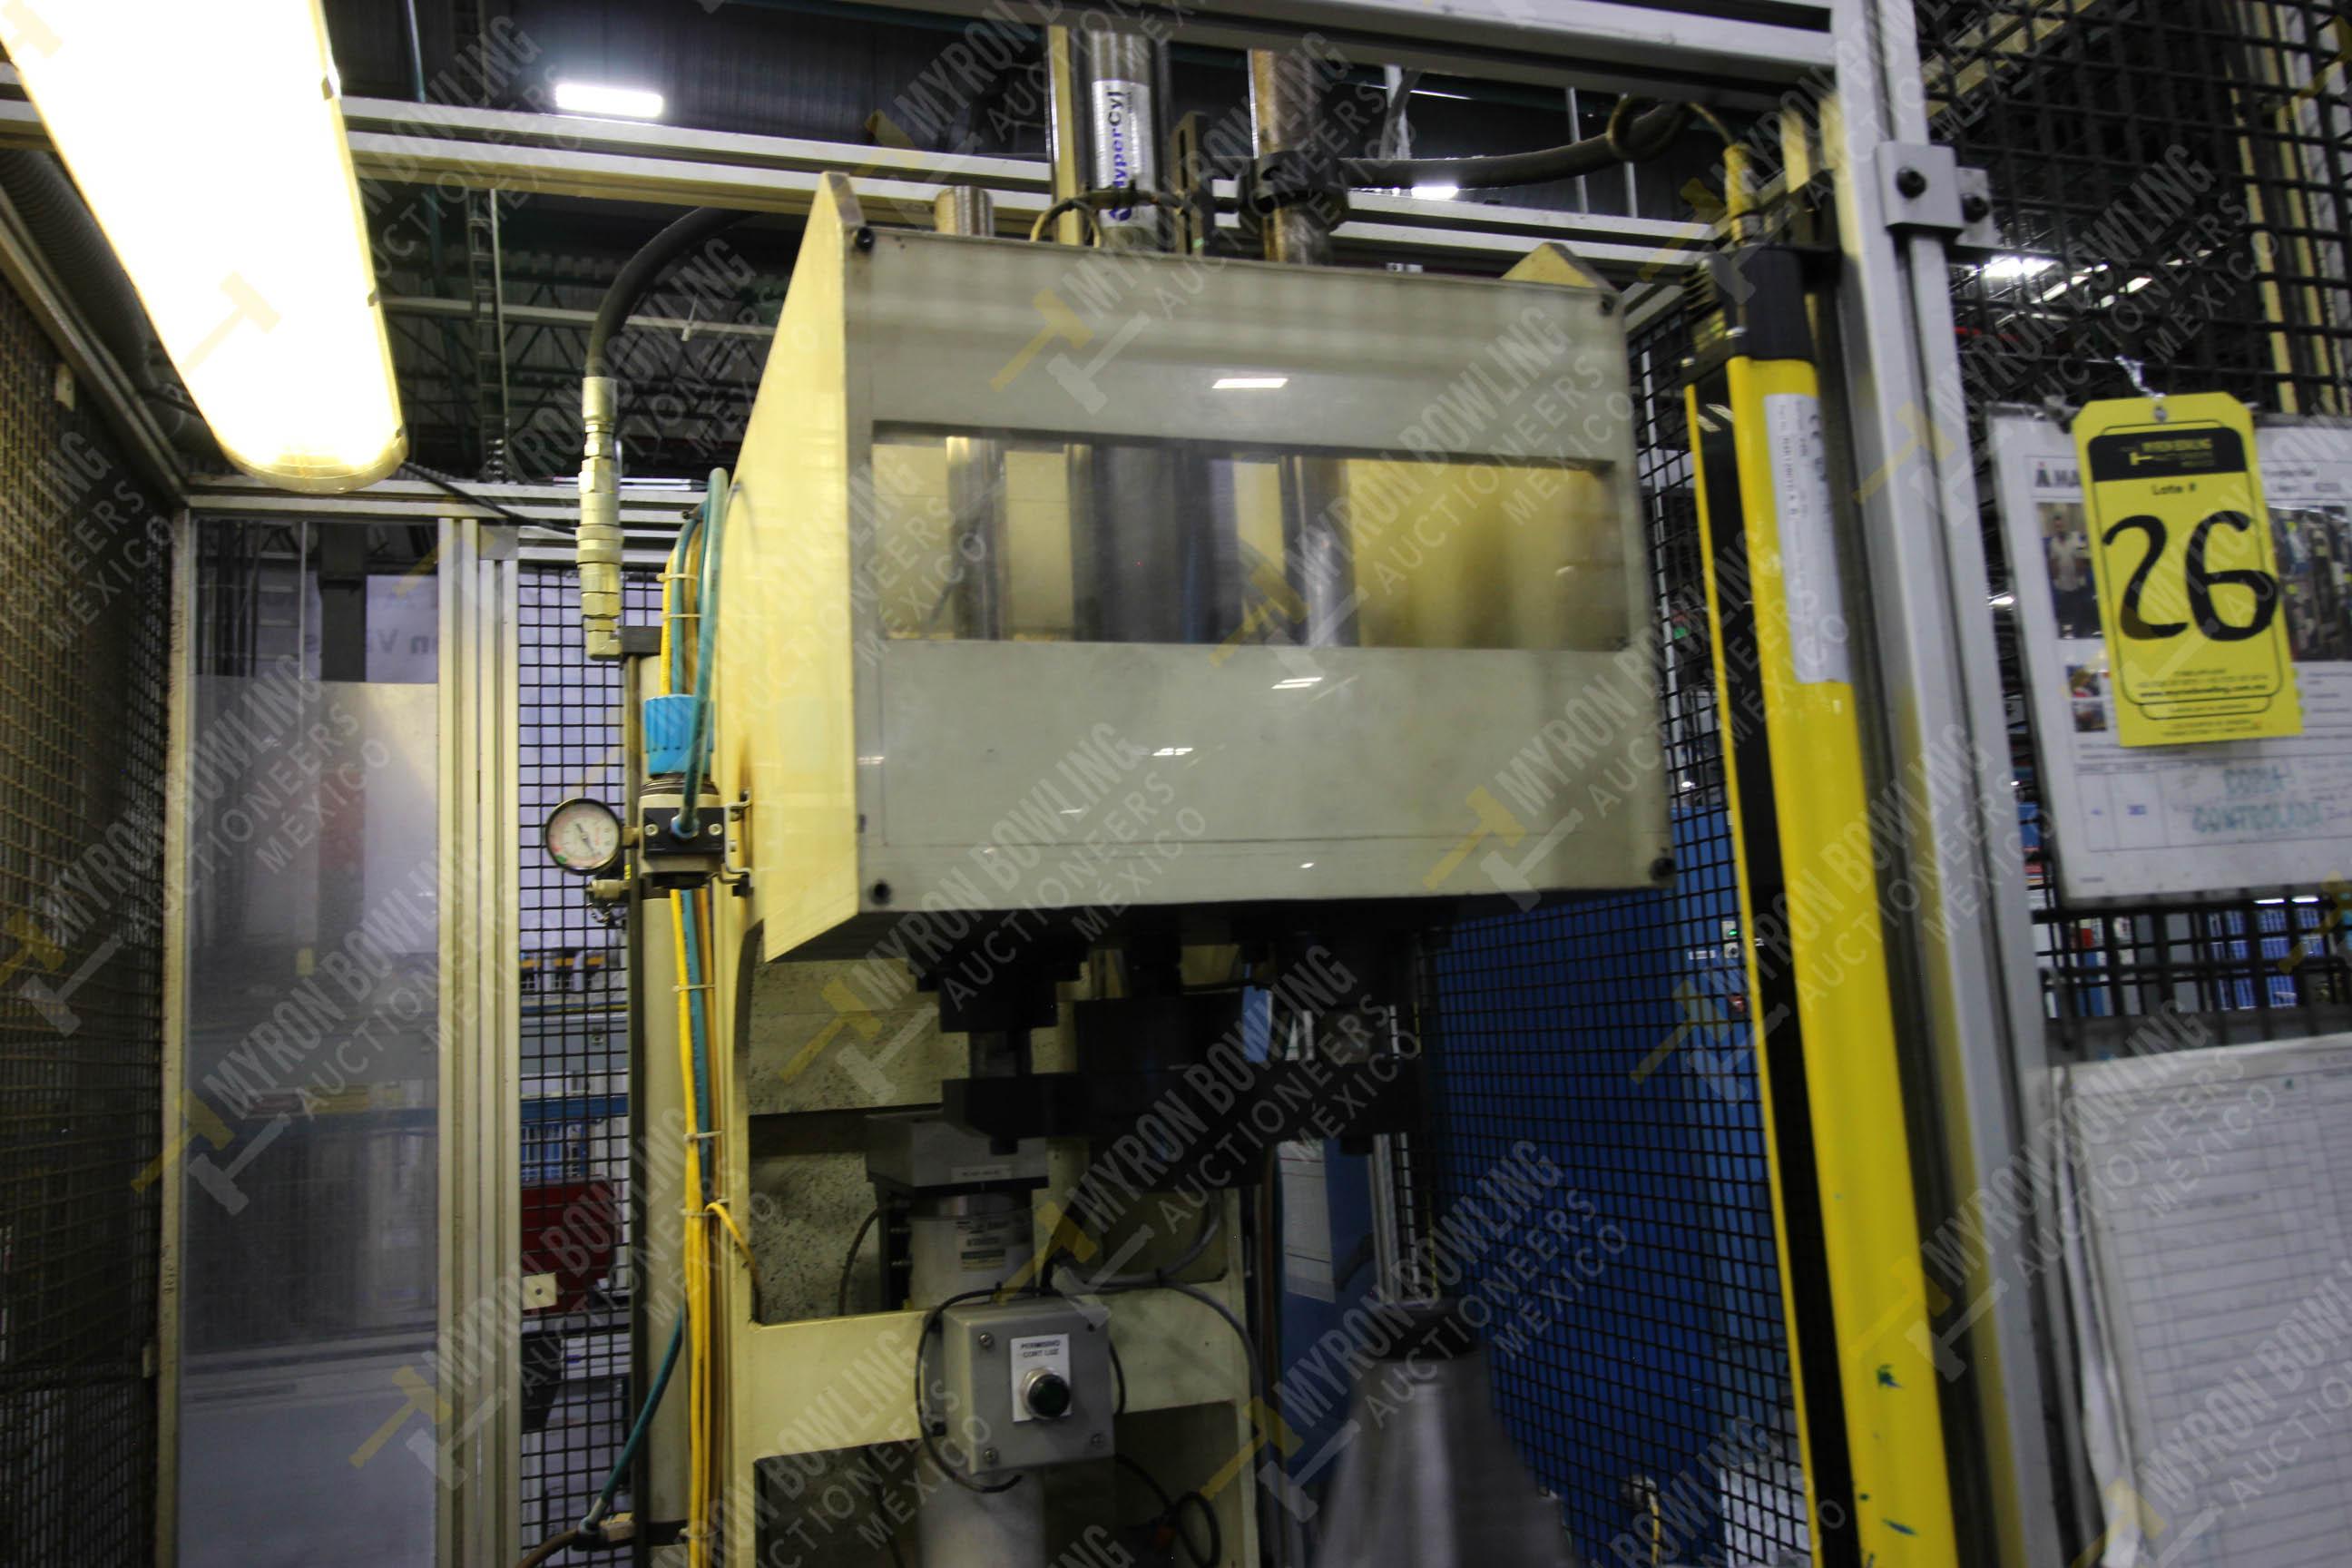 Estación manual para operación 383, contiene: Prensa marca PROMESS en estructura de placa de acero - Image 16 of 27